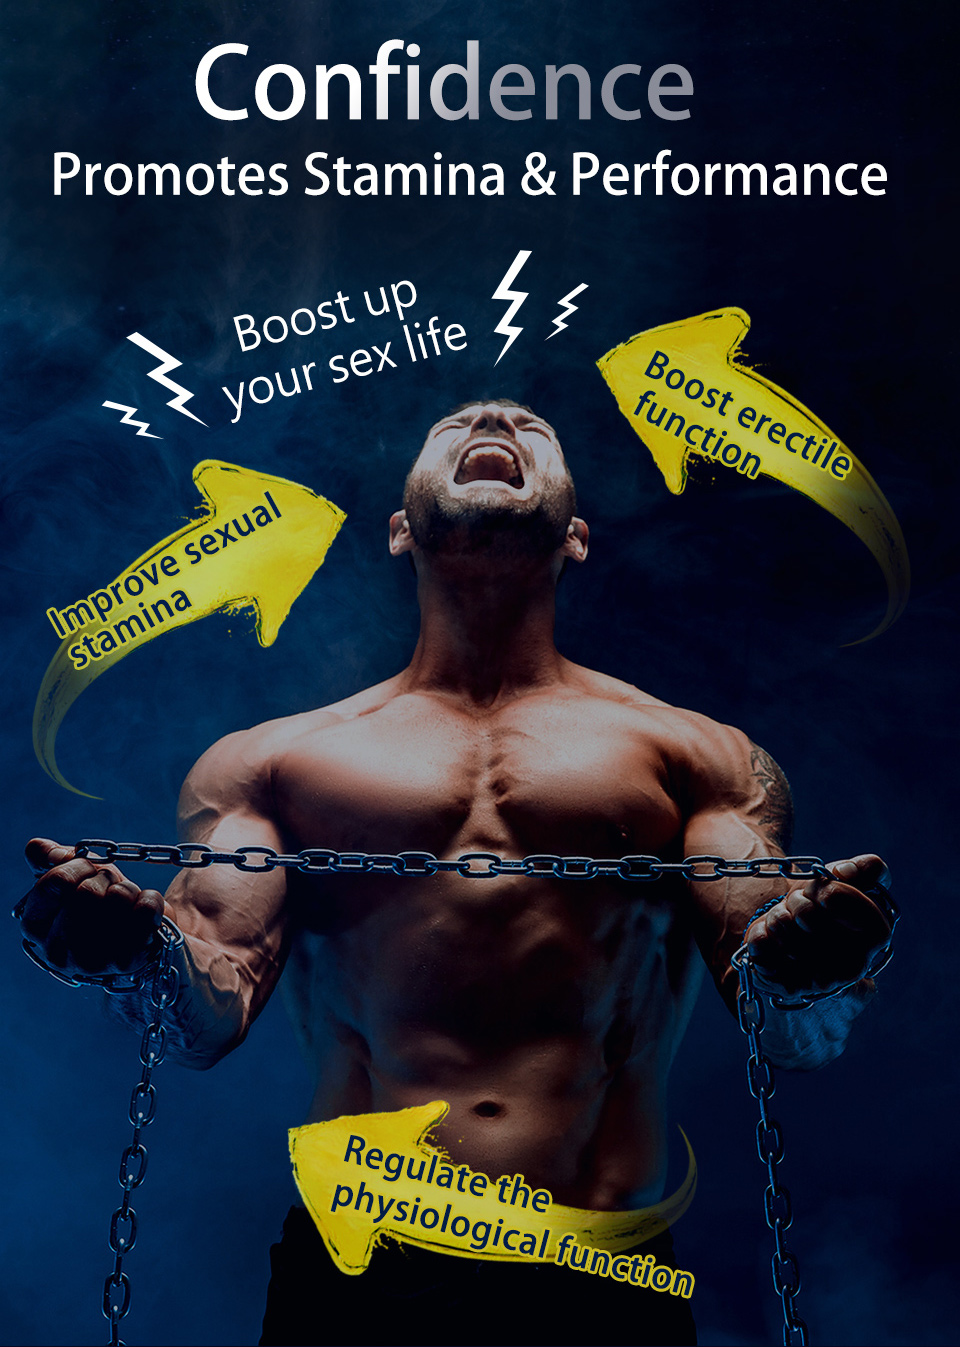 男性食用精胺酸能幫助壯陽,體力增加促進健康,增強自信心